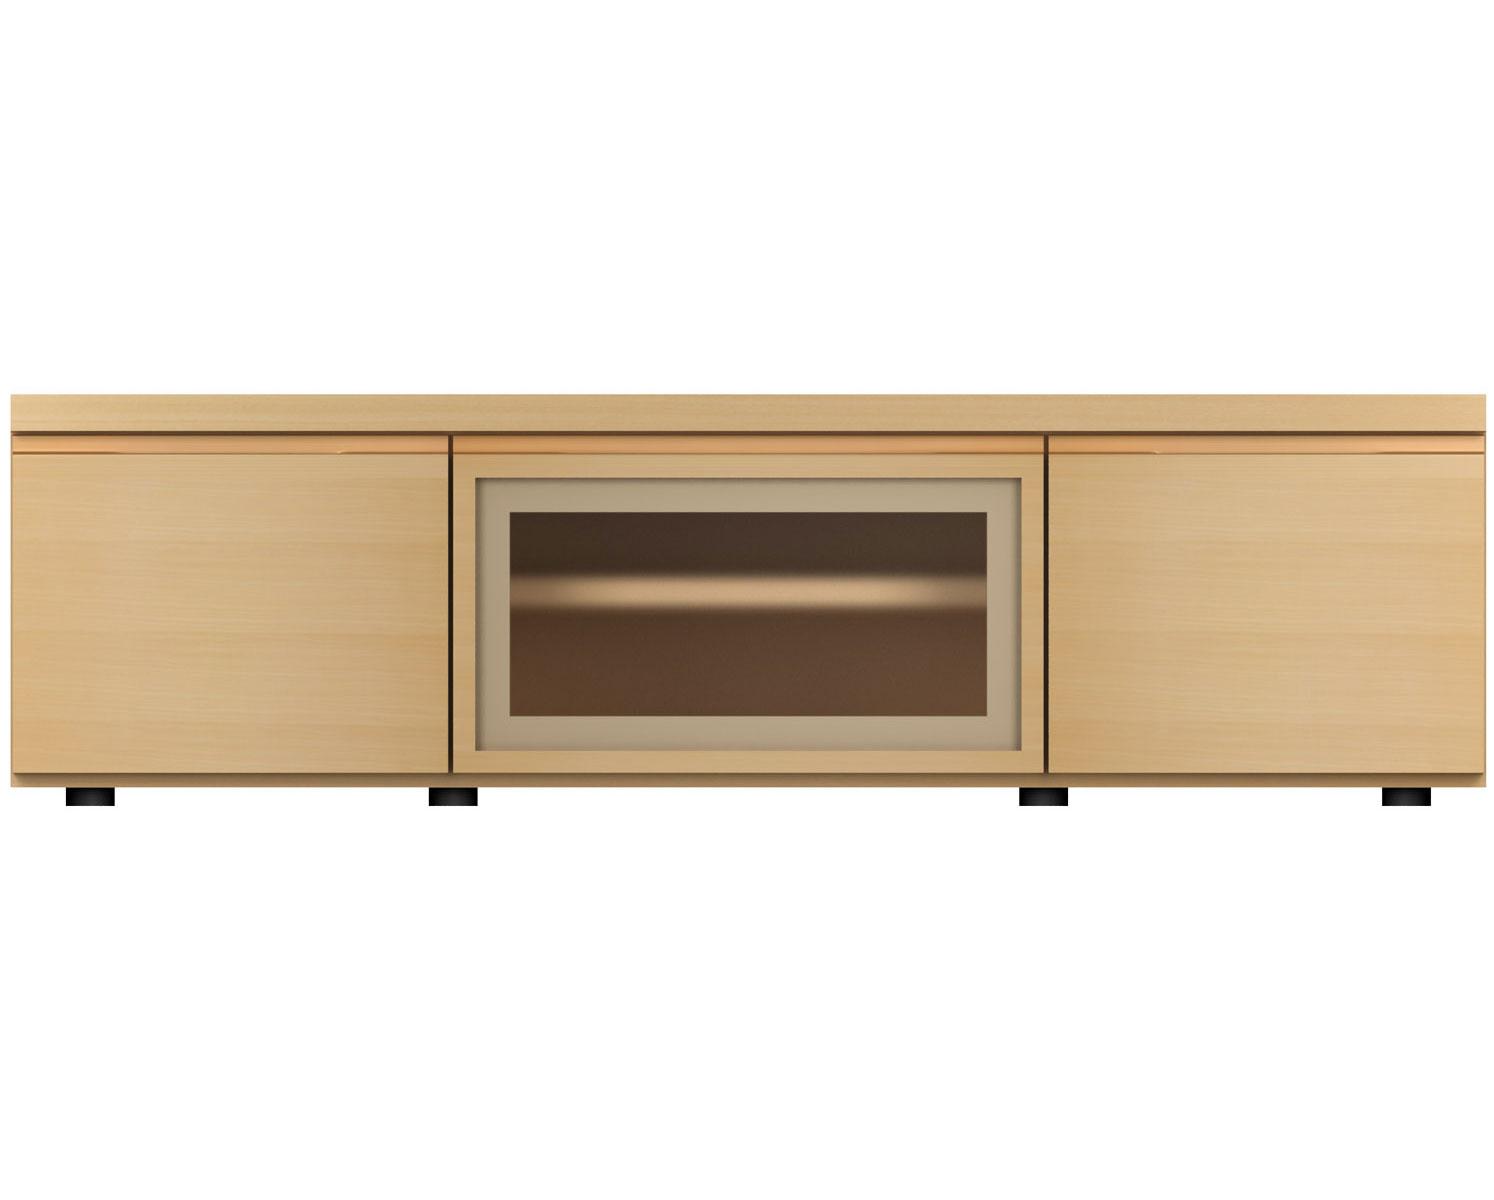 MARUNIマルニ F-UNIT(ビーチ) TVボード/ガラスF/W120No.6994-34-0000